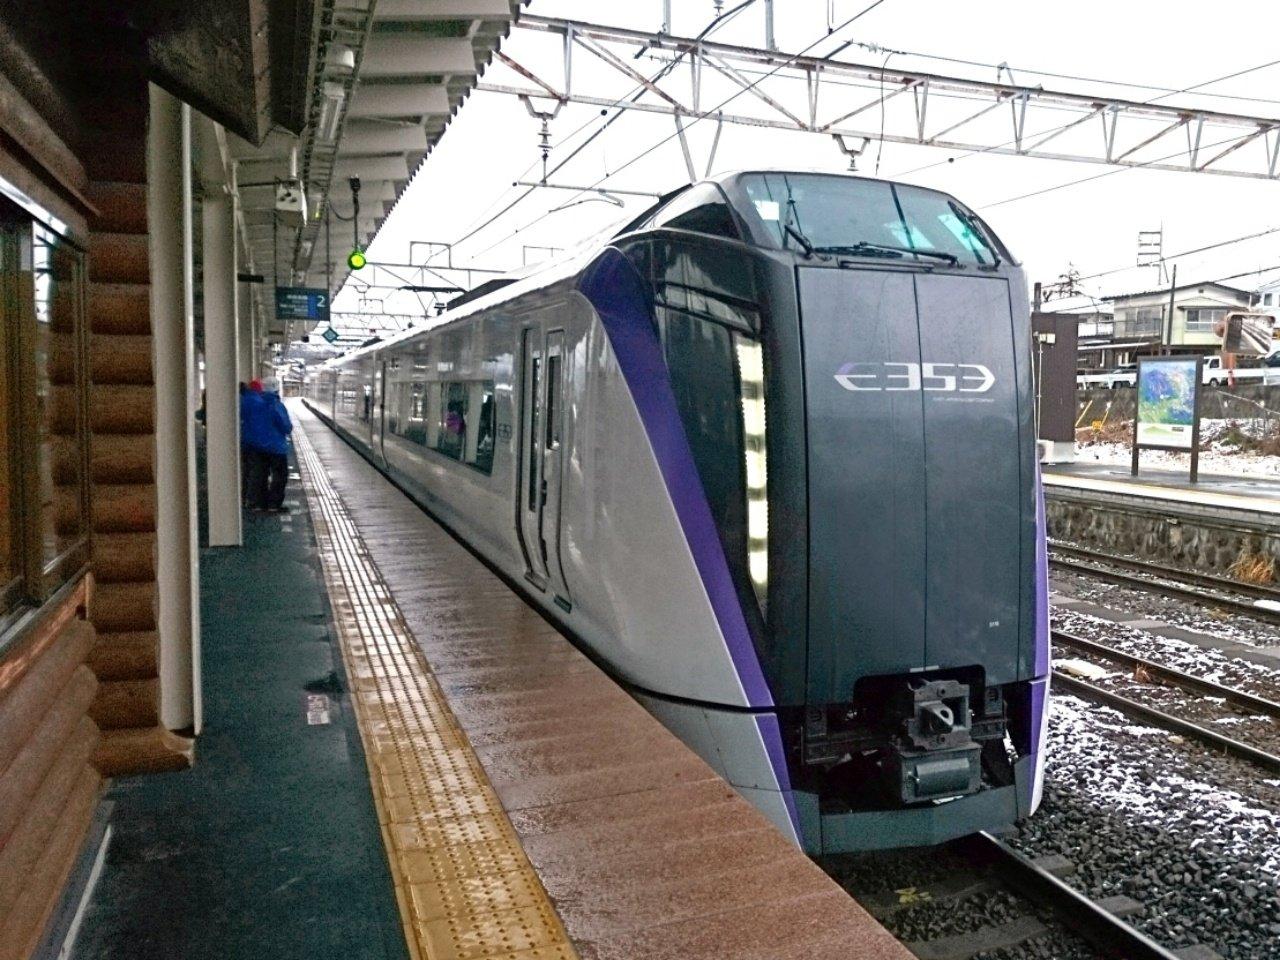 2020春・18きっぷで新聞収集旅行(1日目)大阪から中央線経由で宇都宮へ